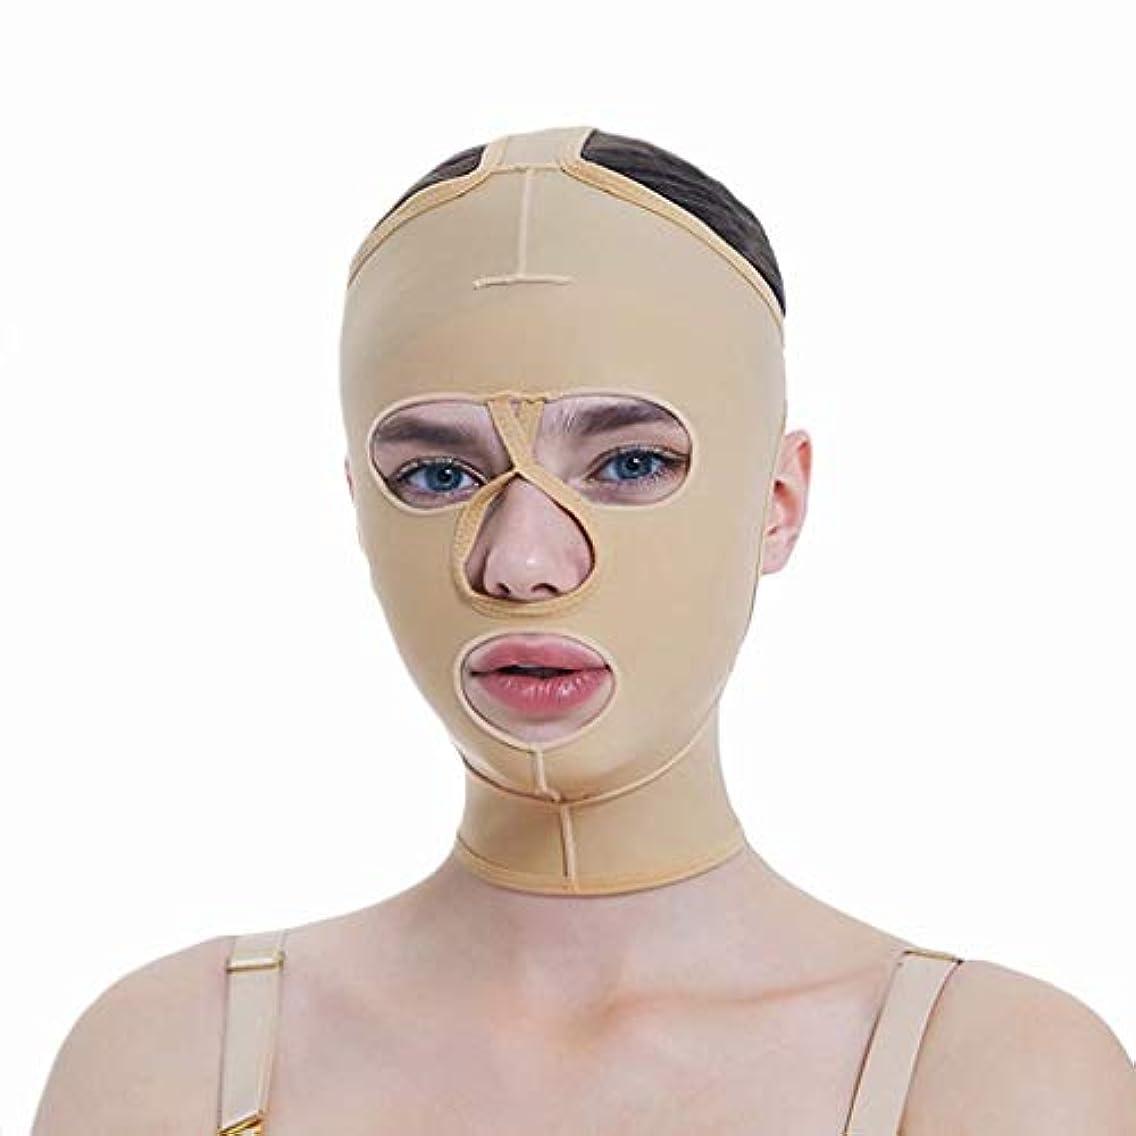 ミシン目関係入札フェイシャル減量マスク、フルカバレッジ包帯、フルフェイスリフティングマスク、フェイスマスク、快適で リフティングシェーピング(サイズ:S),ザ?